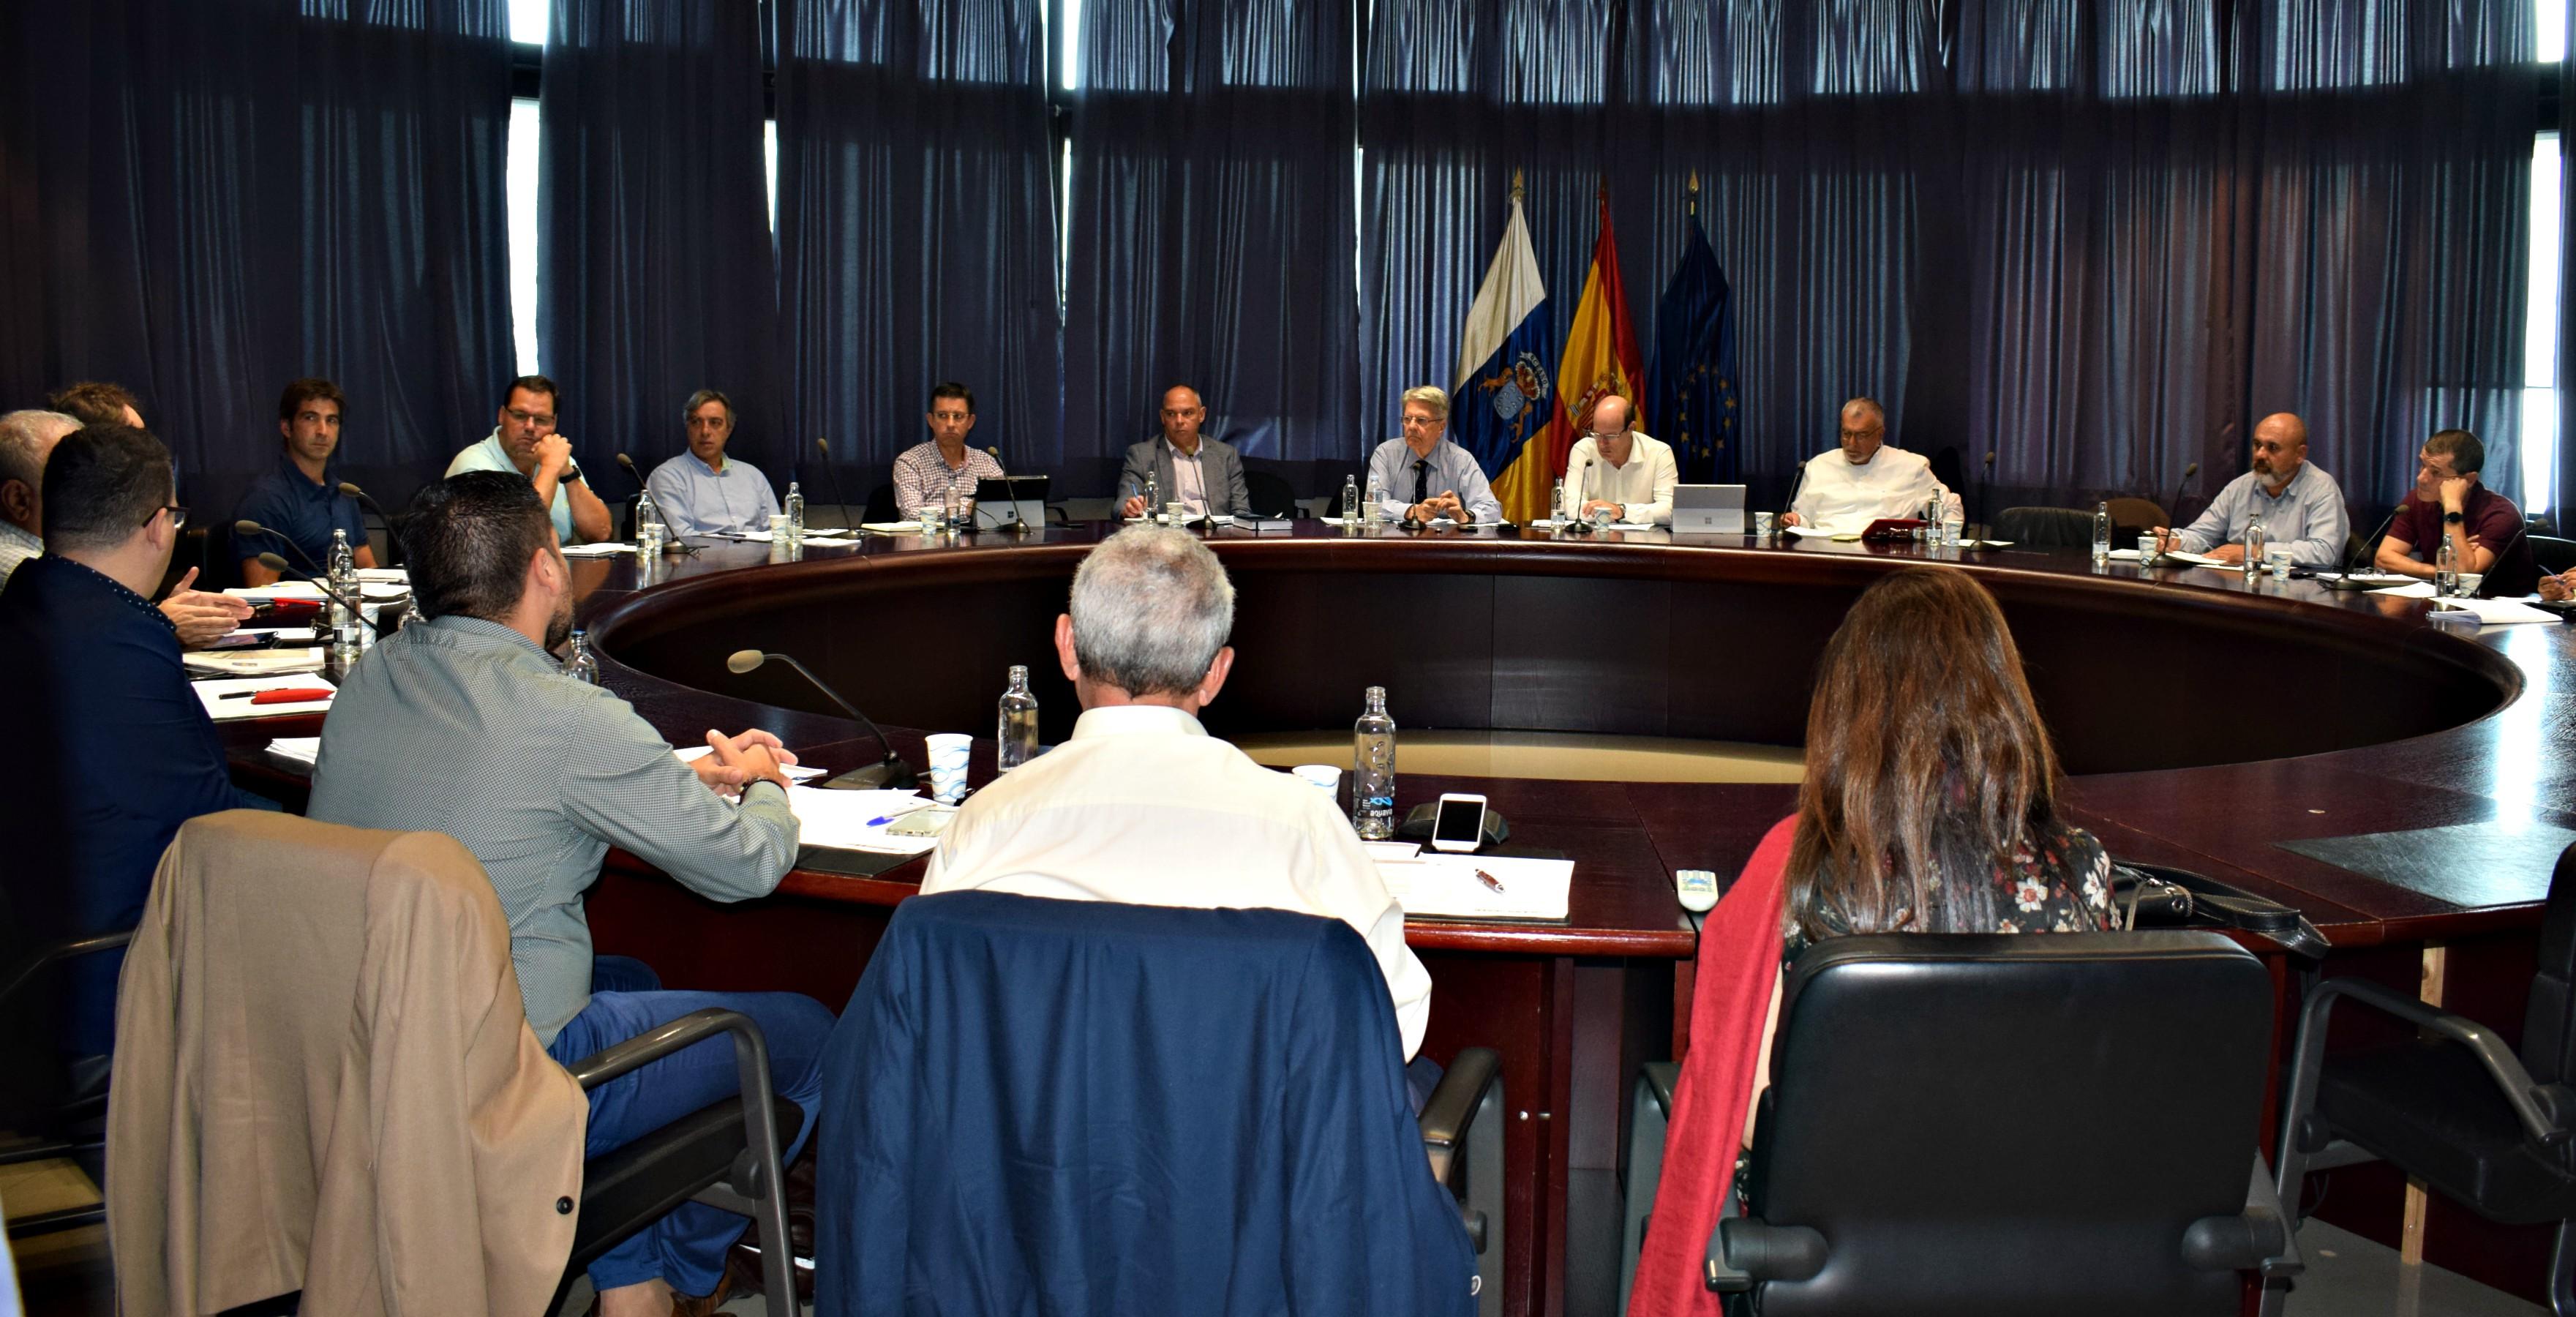 La Comisión autonómica de Protección Civil aprobados 12 planes municipales y tres insularesl